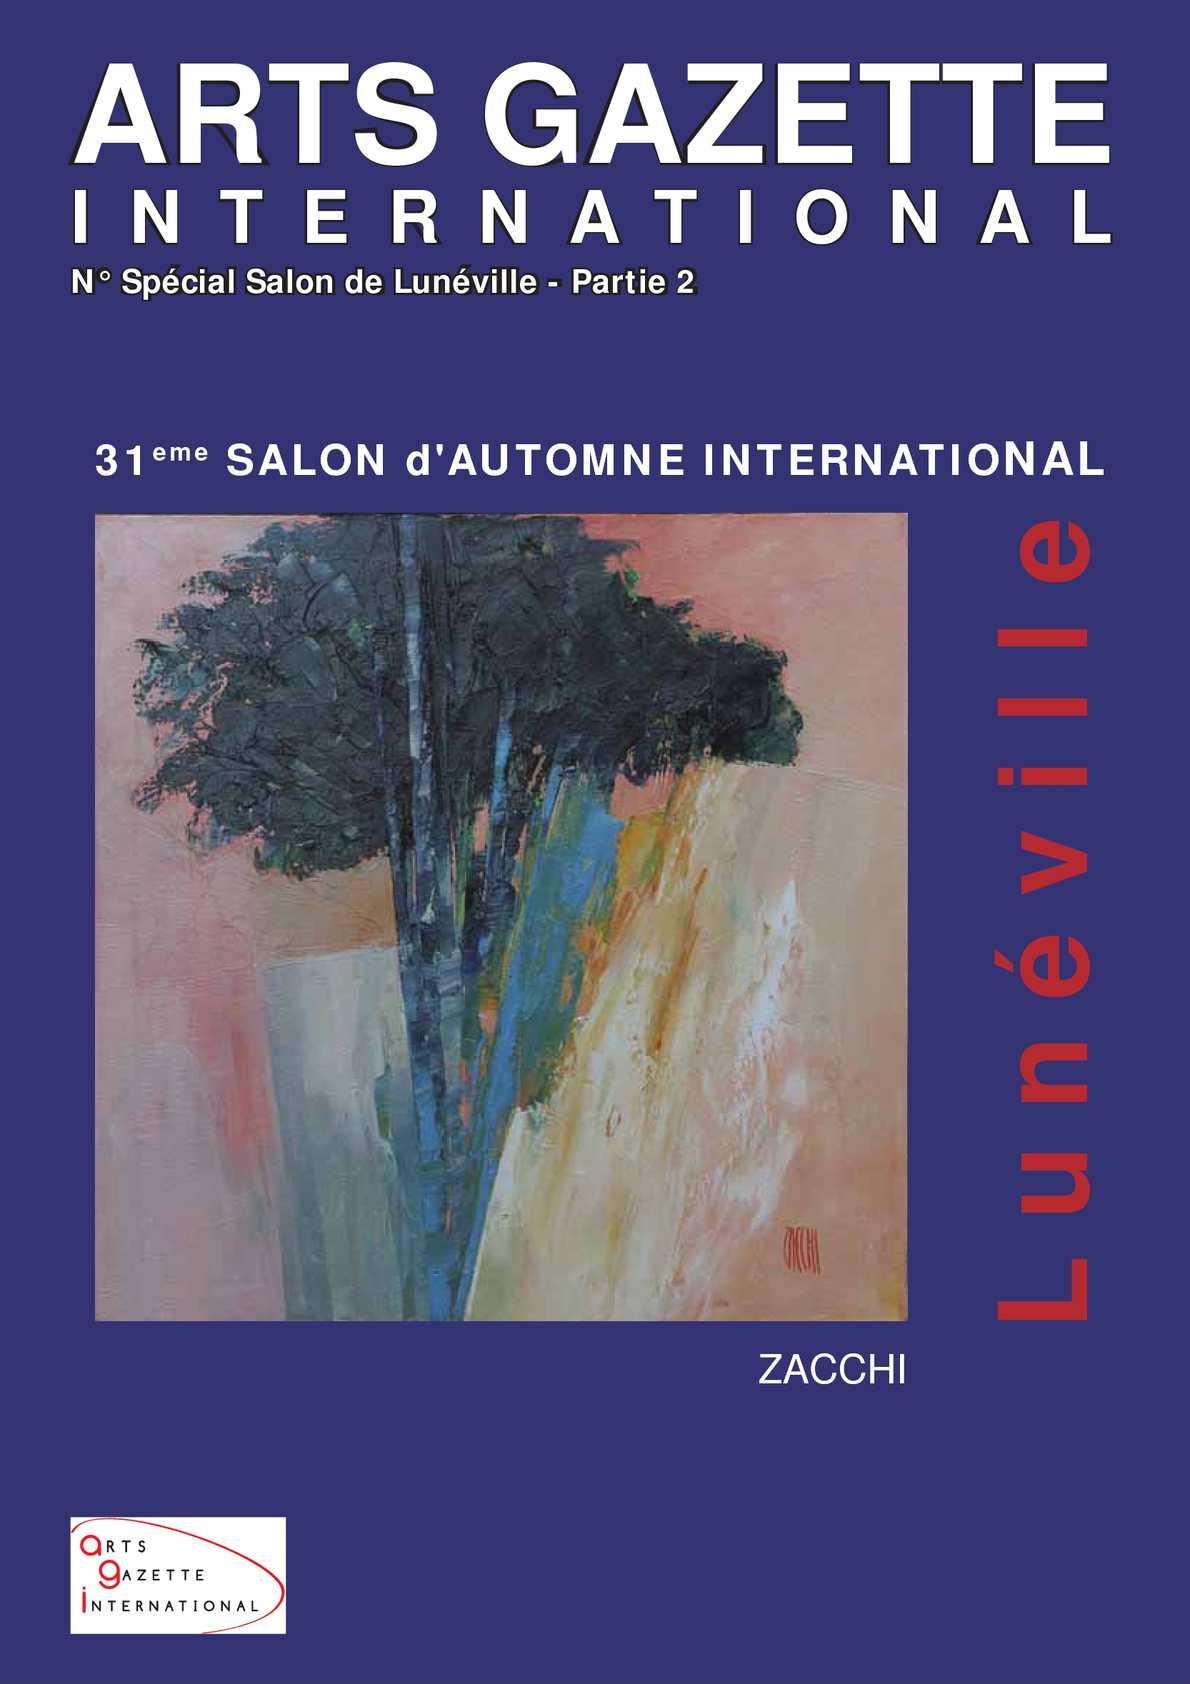 Calamo  Arts Gazette International  N Spcial Salon Lunville 2012  2eme Partie